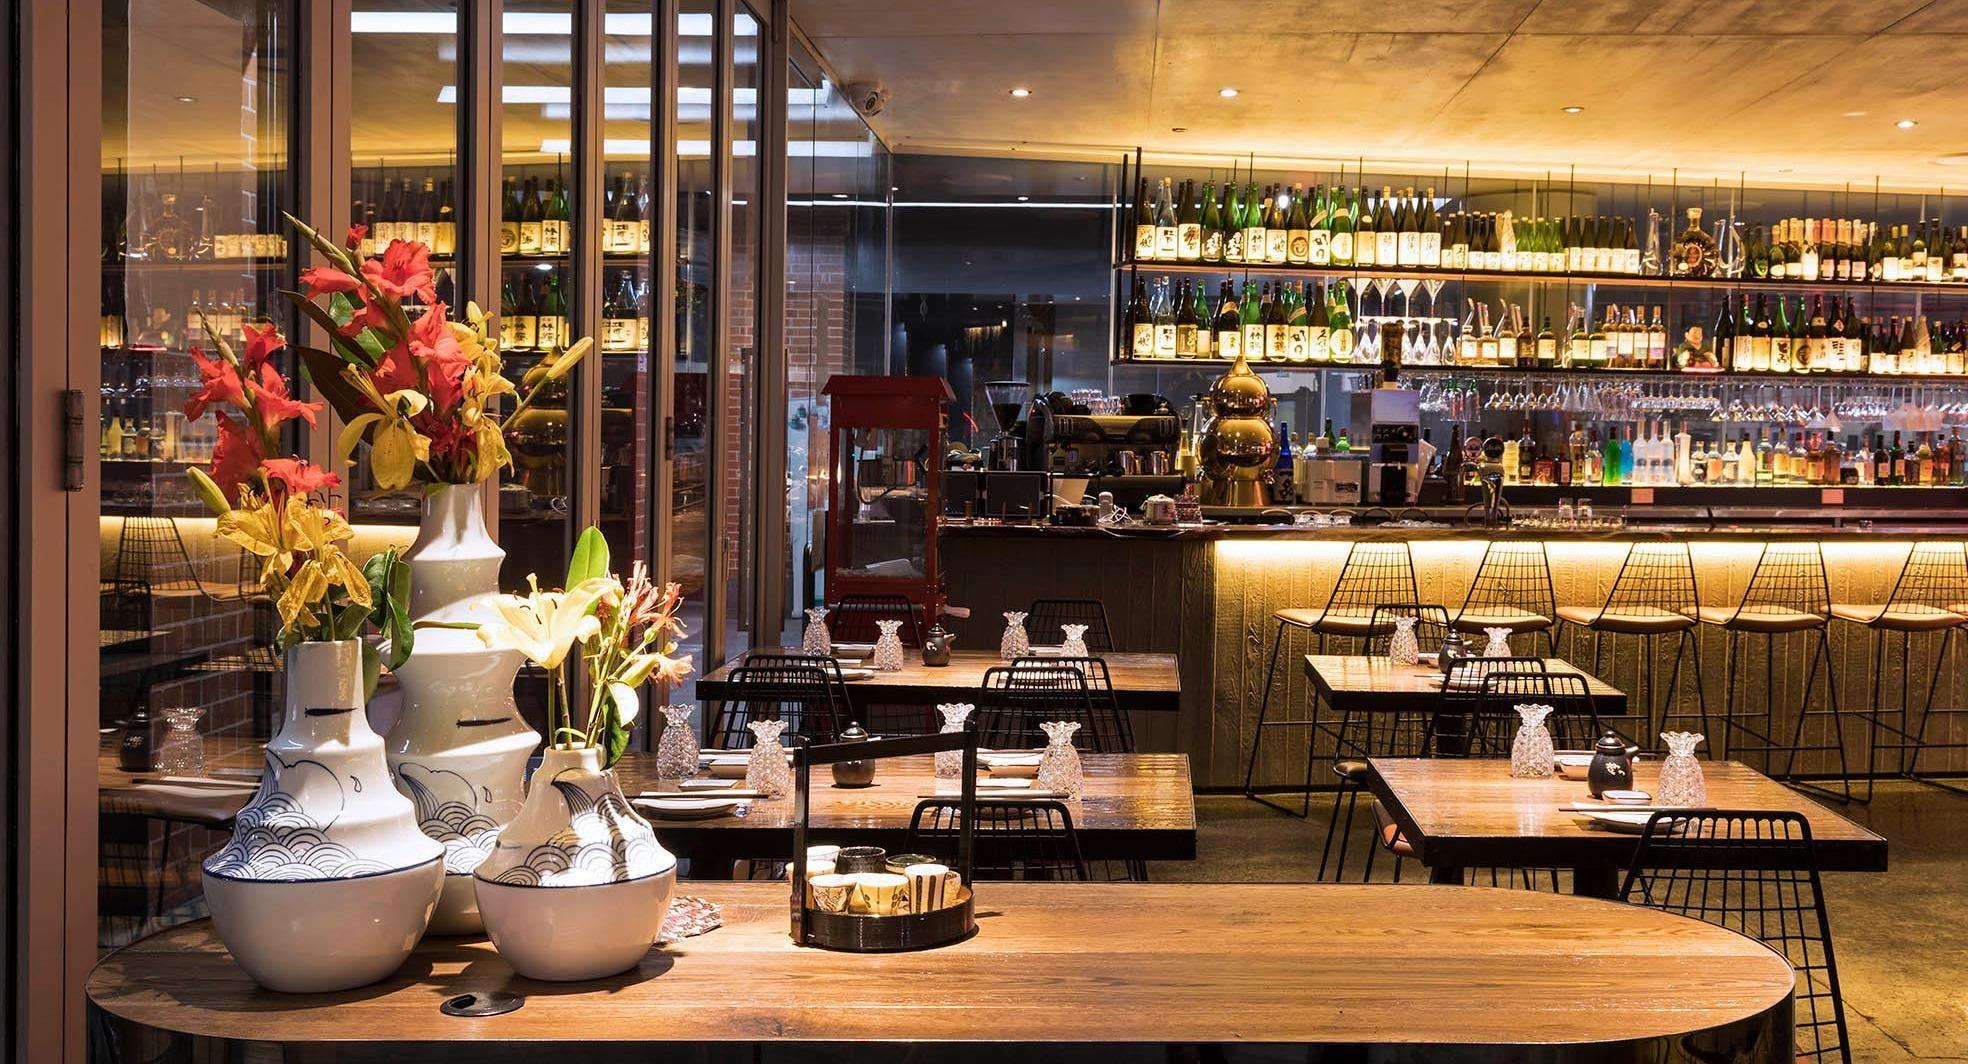 Umi Sushi & Bar Sydney image 1